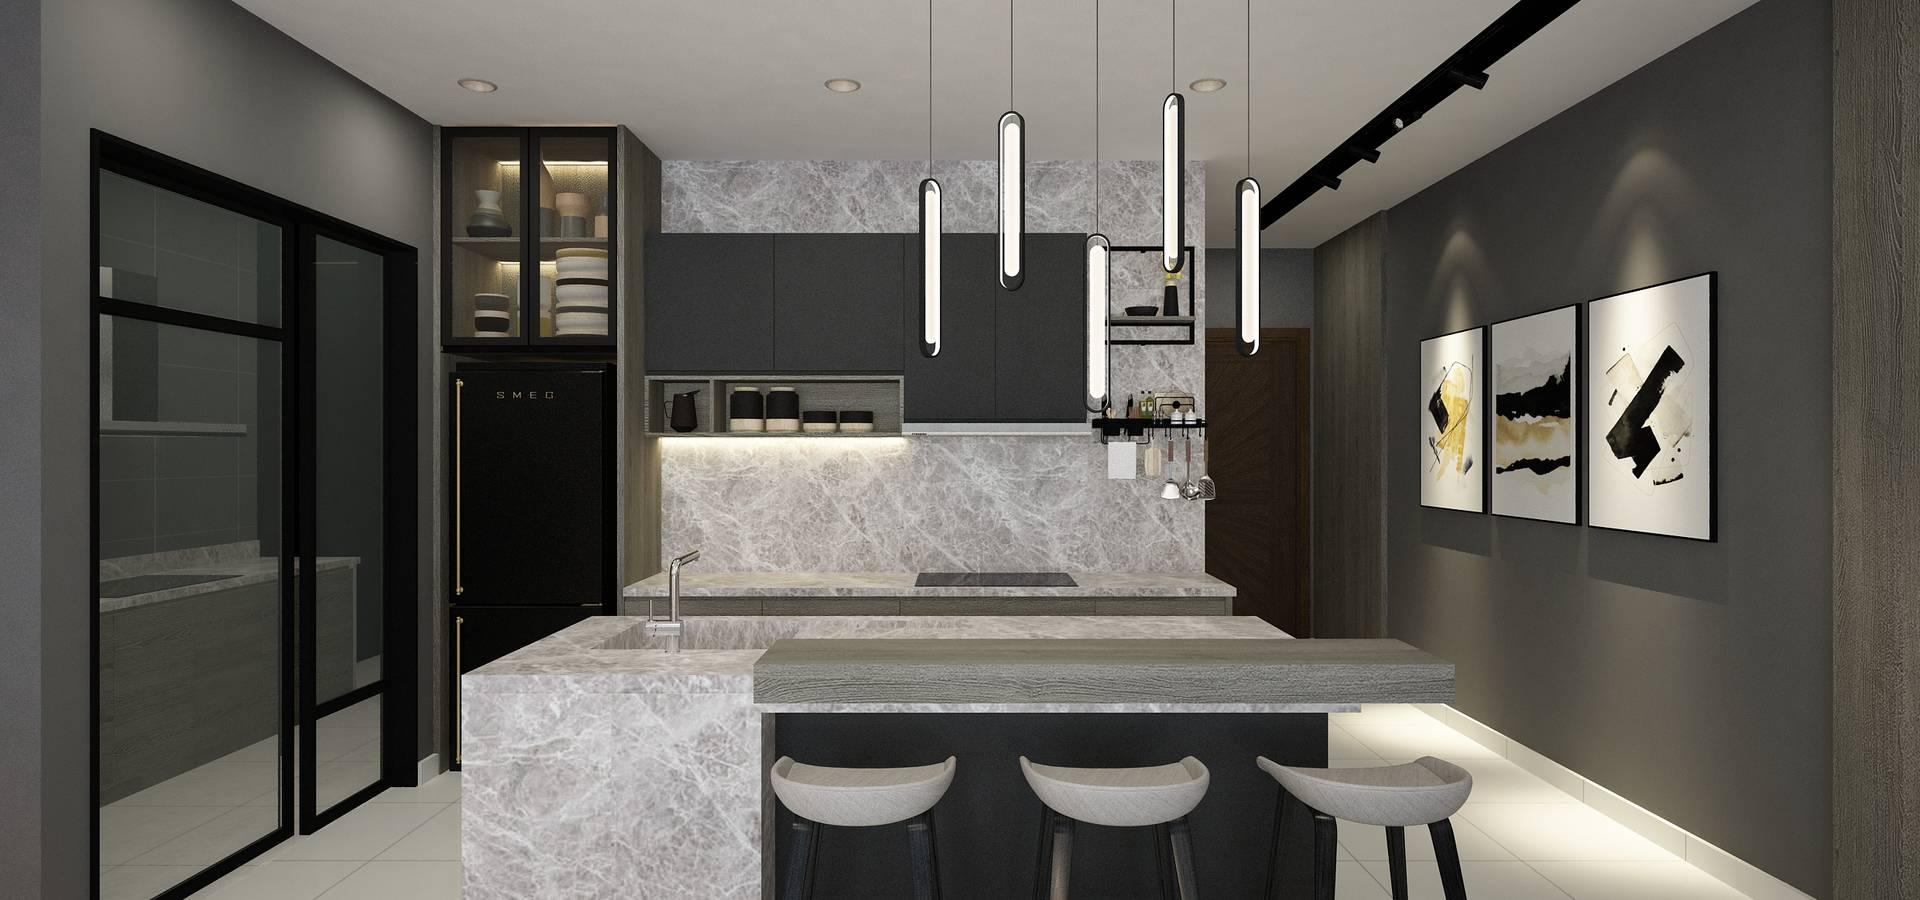 L7 Interior Design